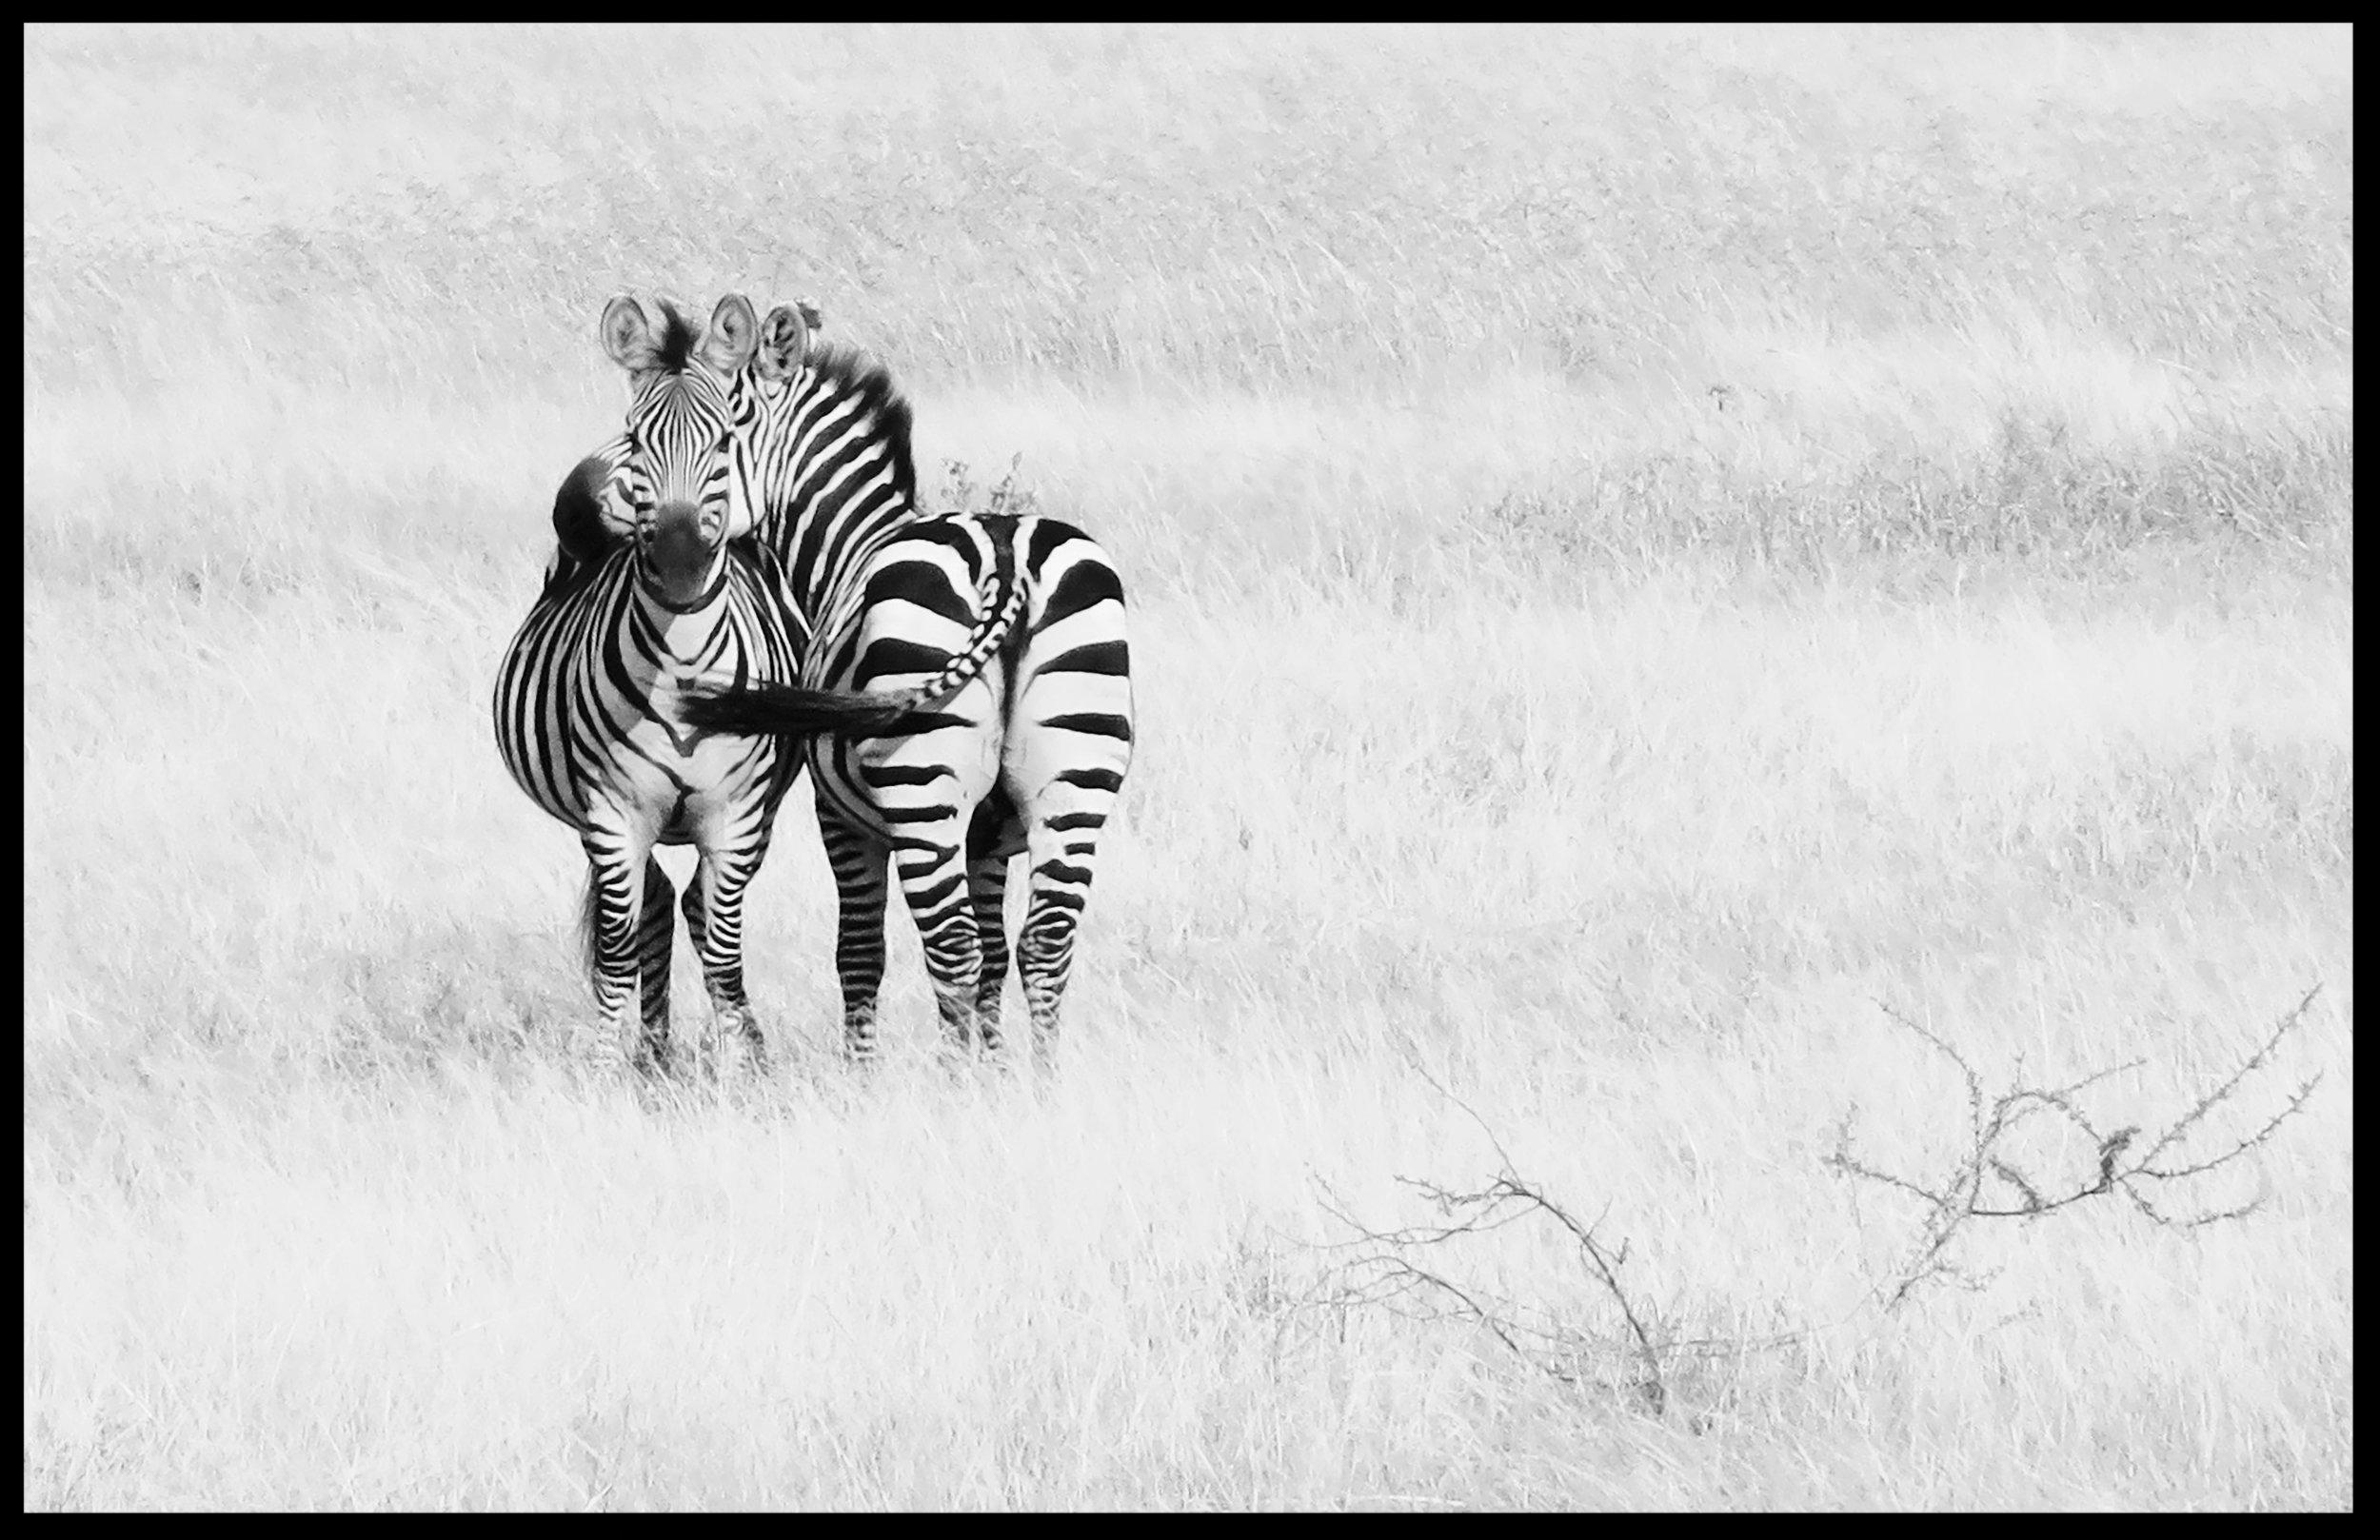 Zebras on white   11x17 on Fine Art Paper